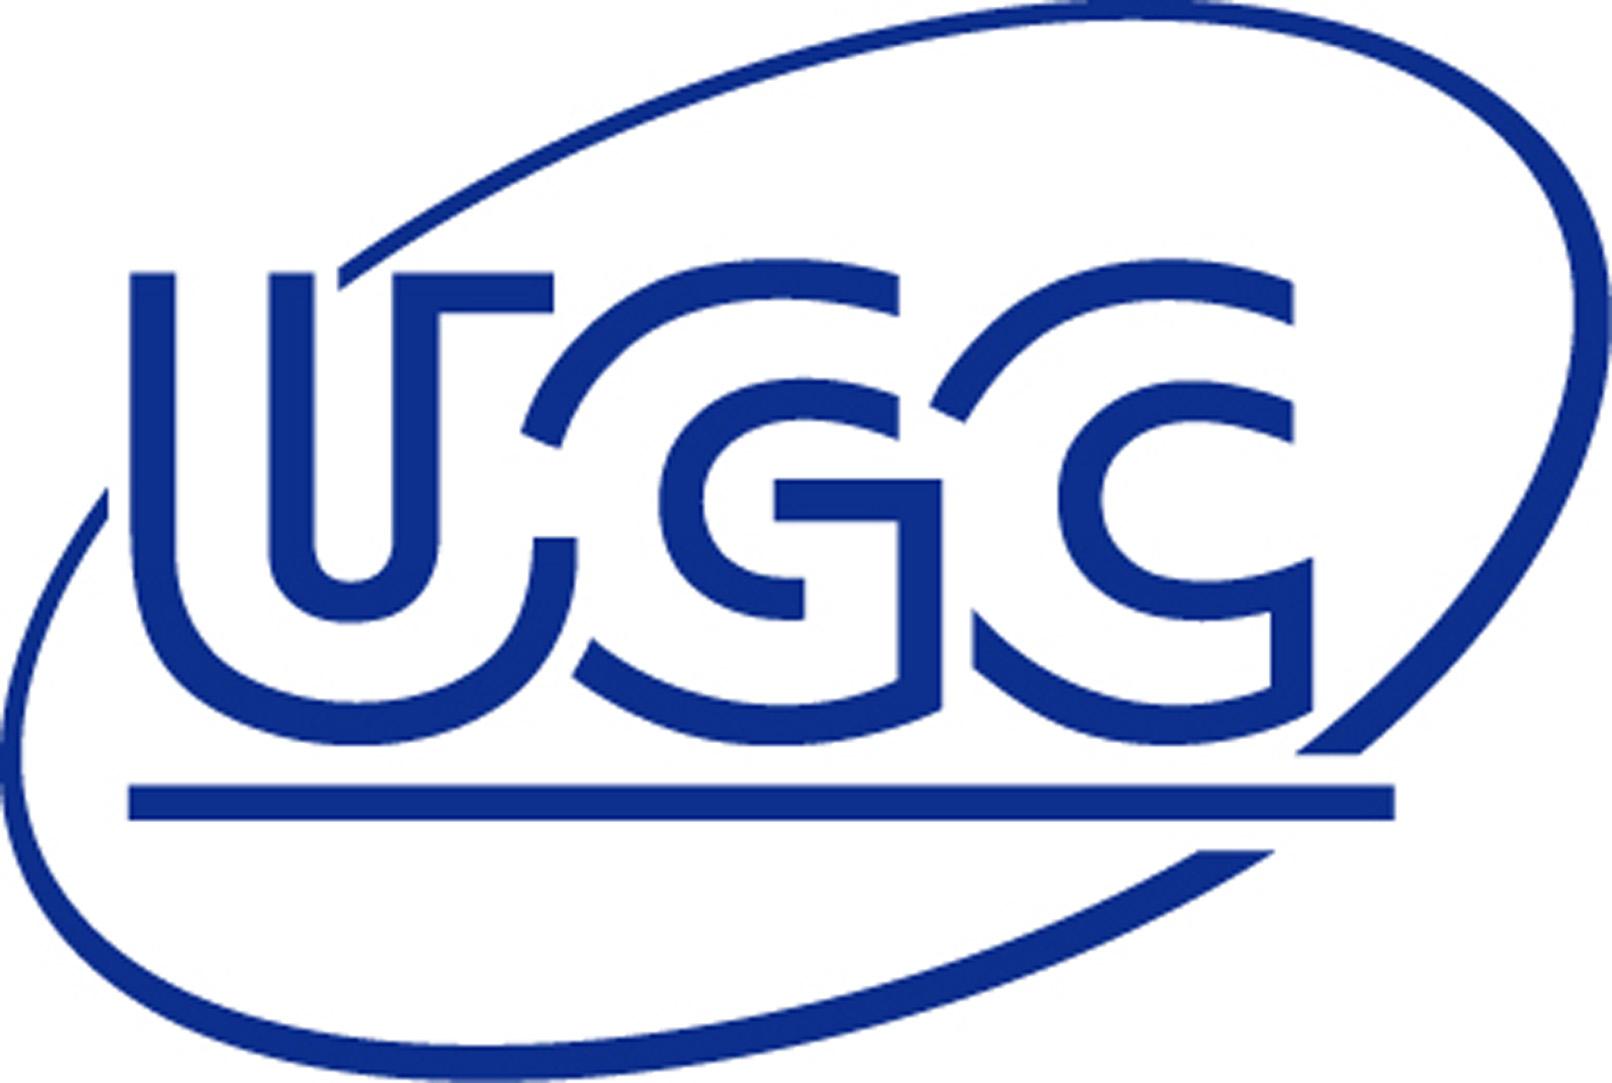 Points de fidélité doublés avec la carte UGC gratuite